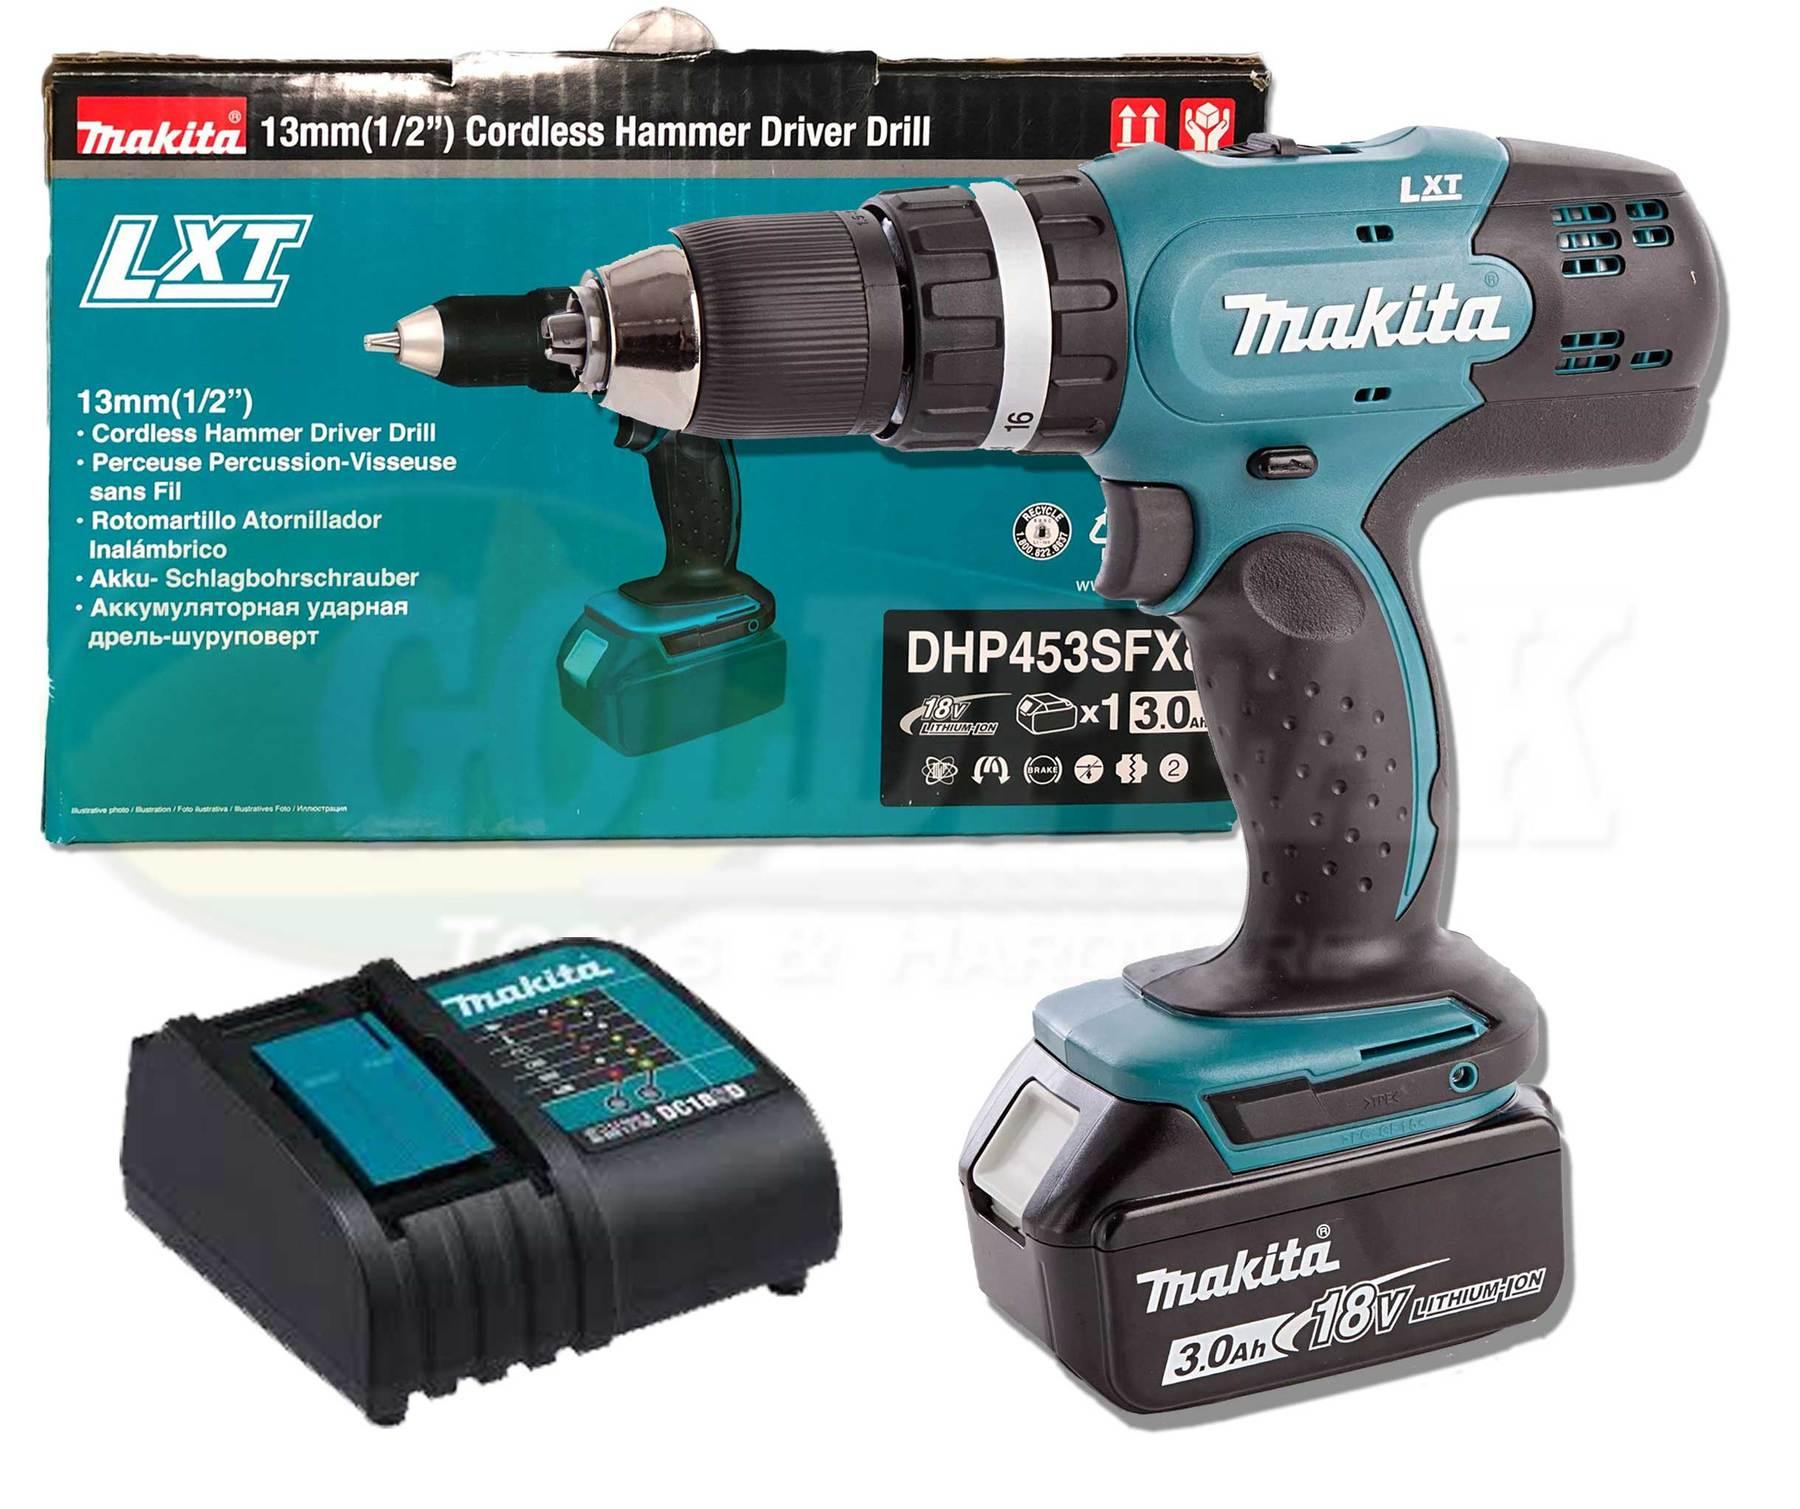 Makita 18V LXT 3Ah Li-Ion Cordless Combi Drill £89.94 delivered @ CPC